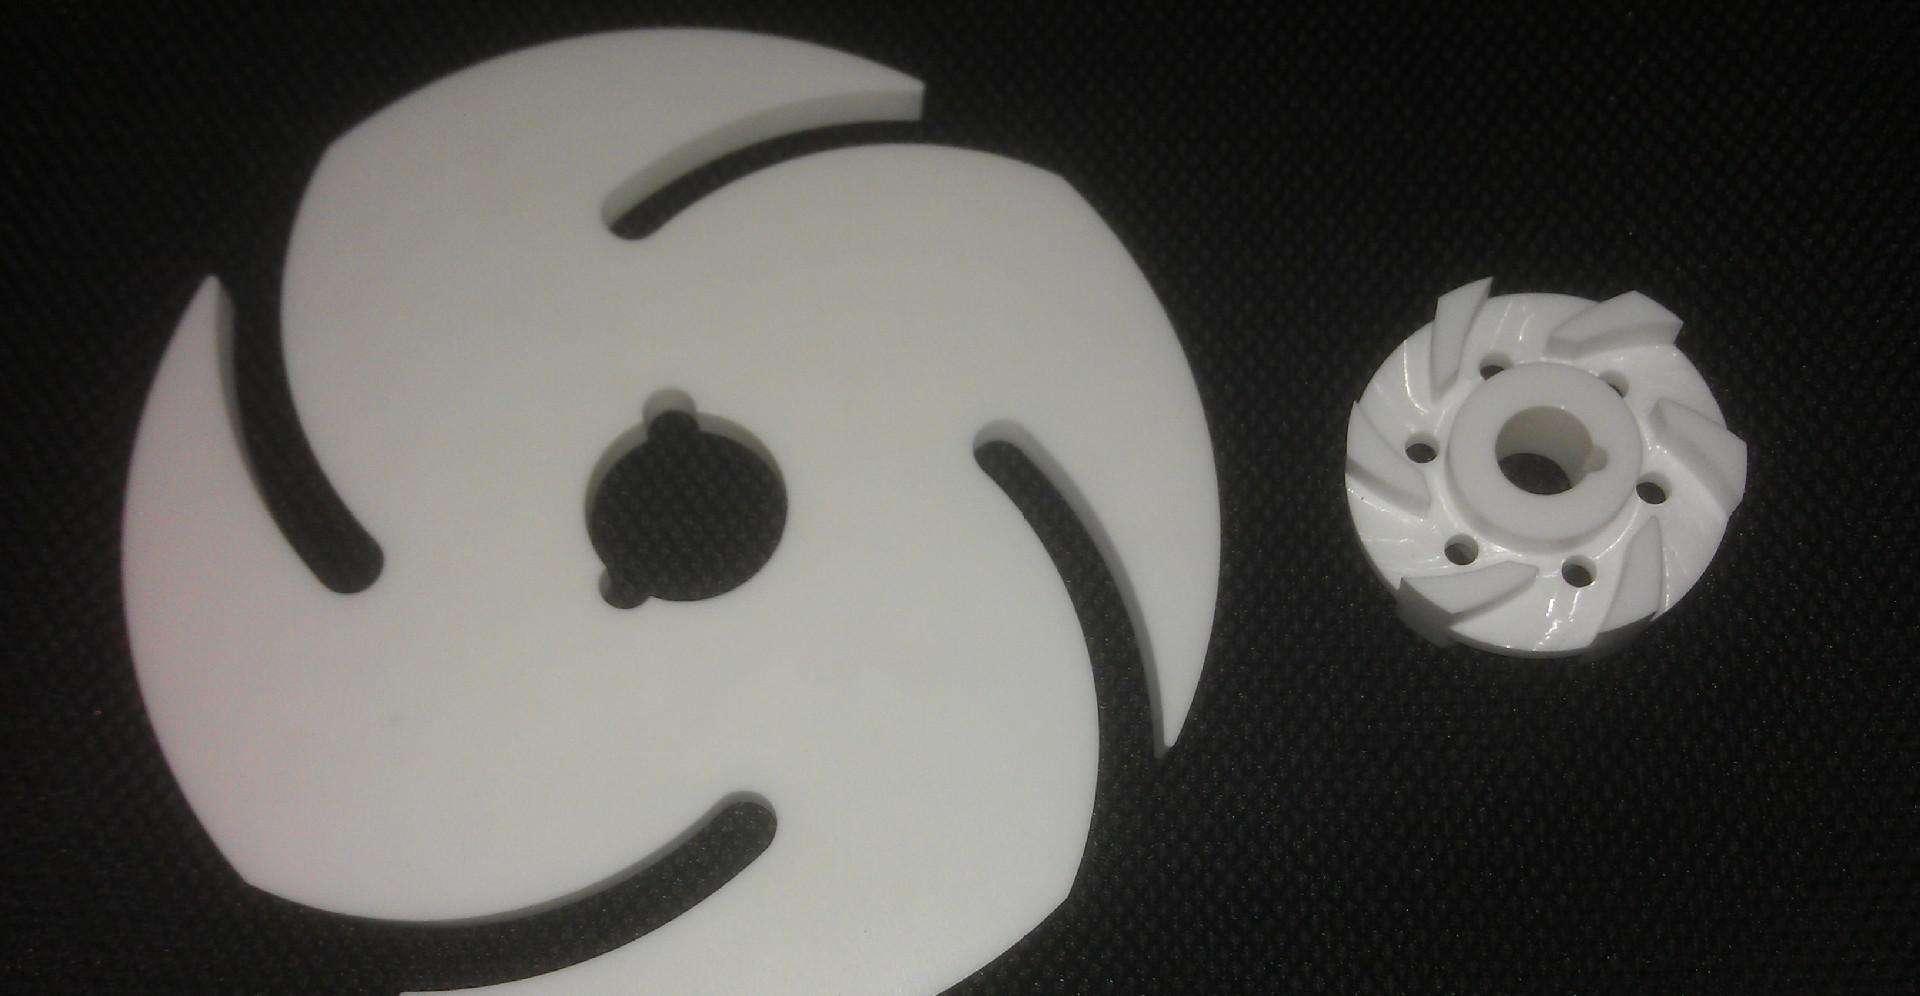 无损测量陶瓷外观尺寸,高精度保证零件功能性不受破坏